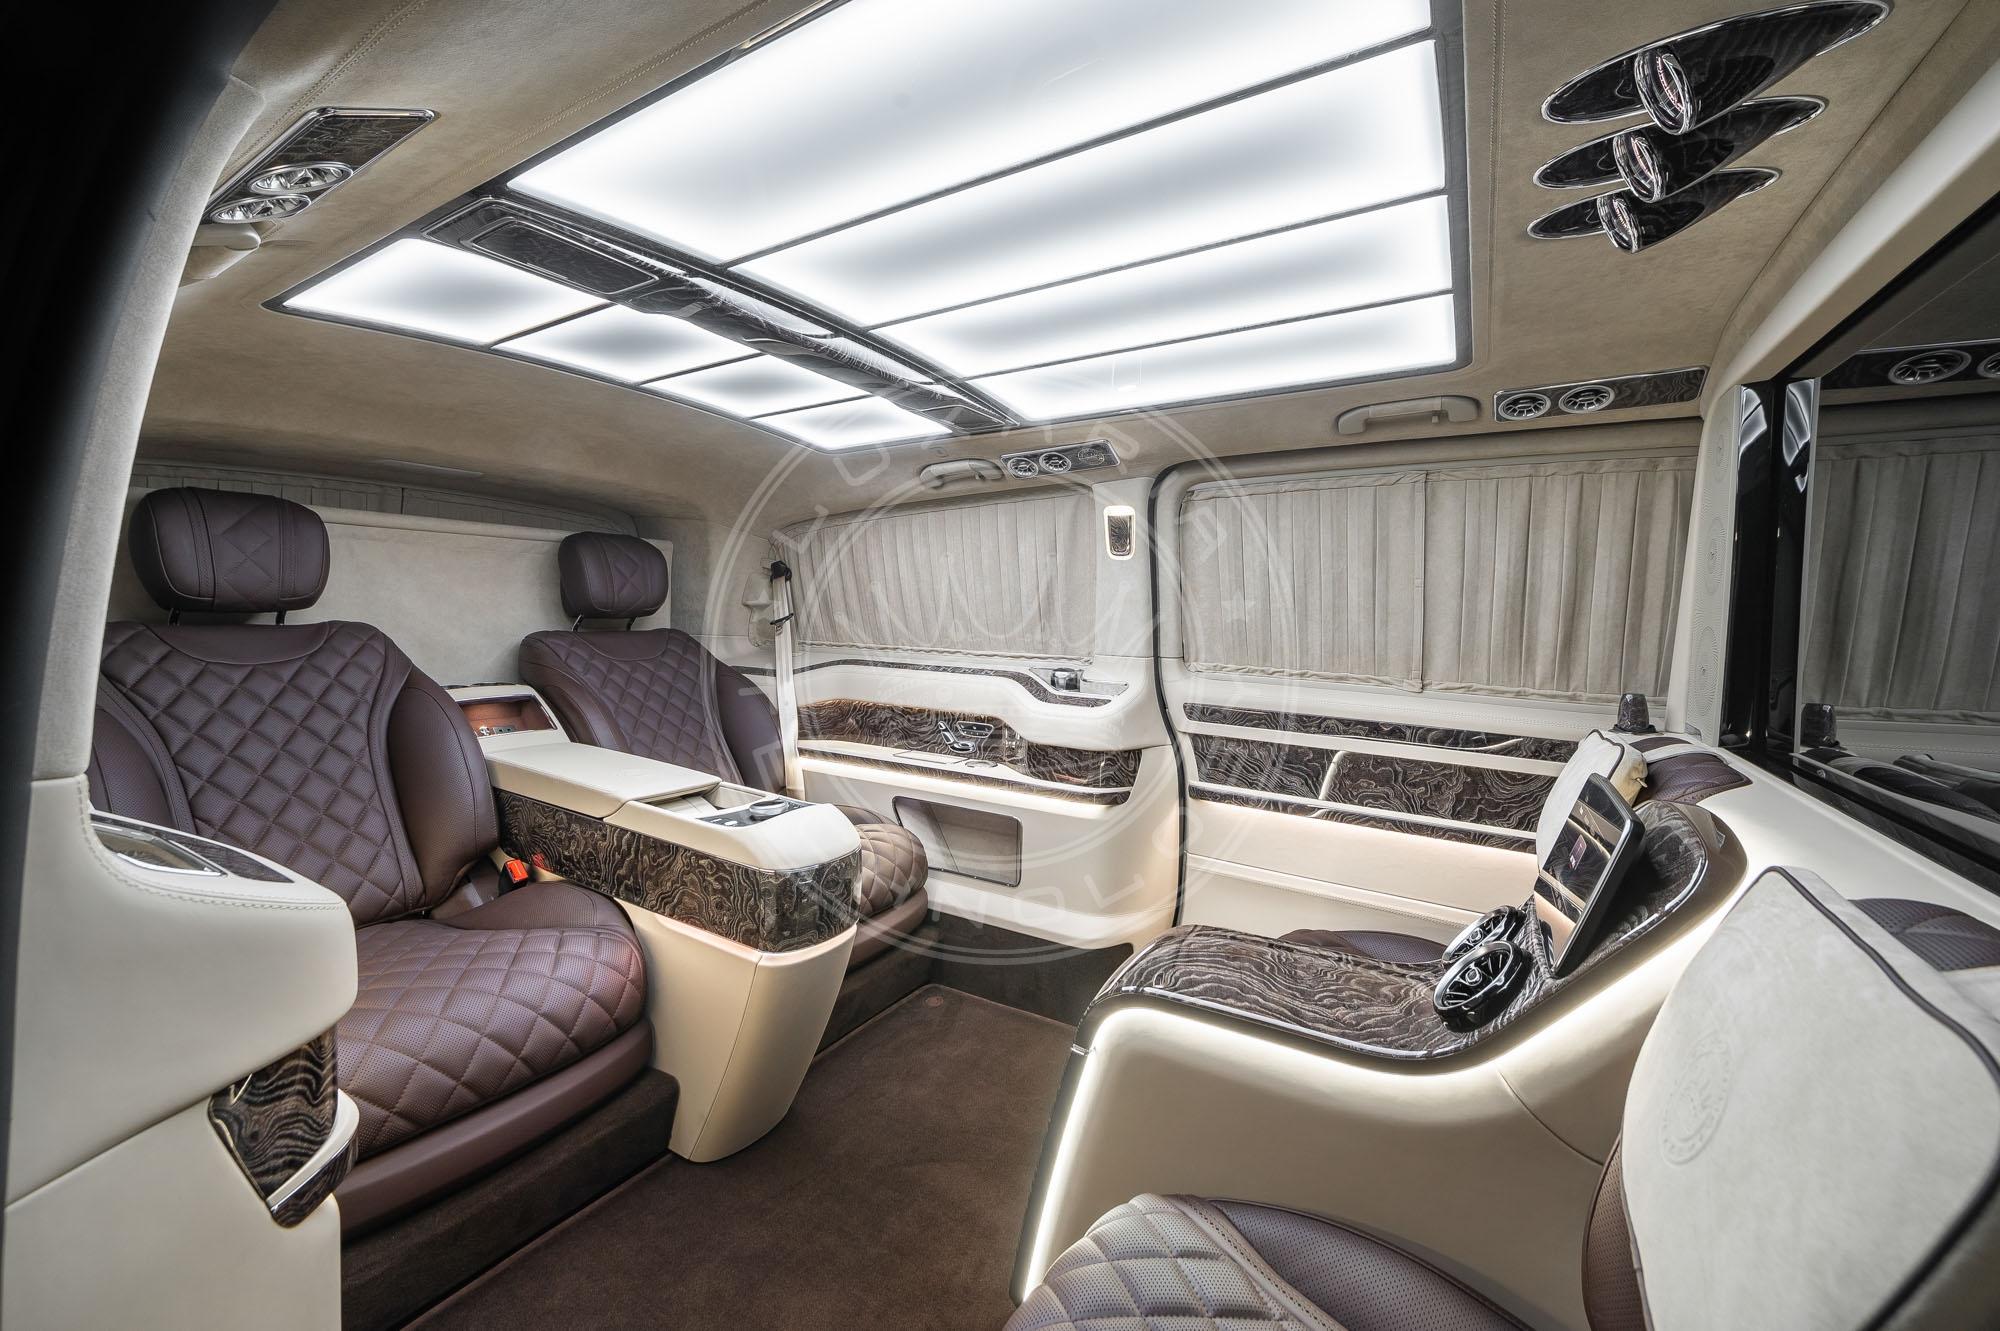 Mercedes Benz V class Matterhorn 111